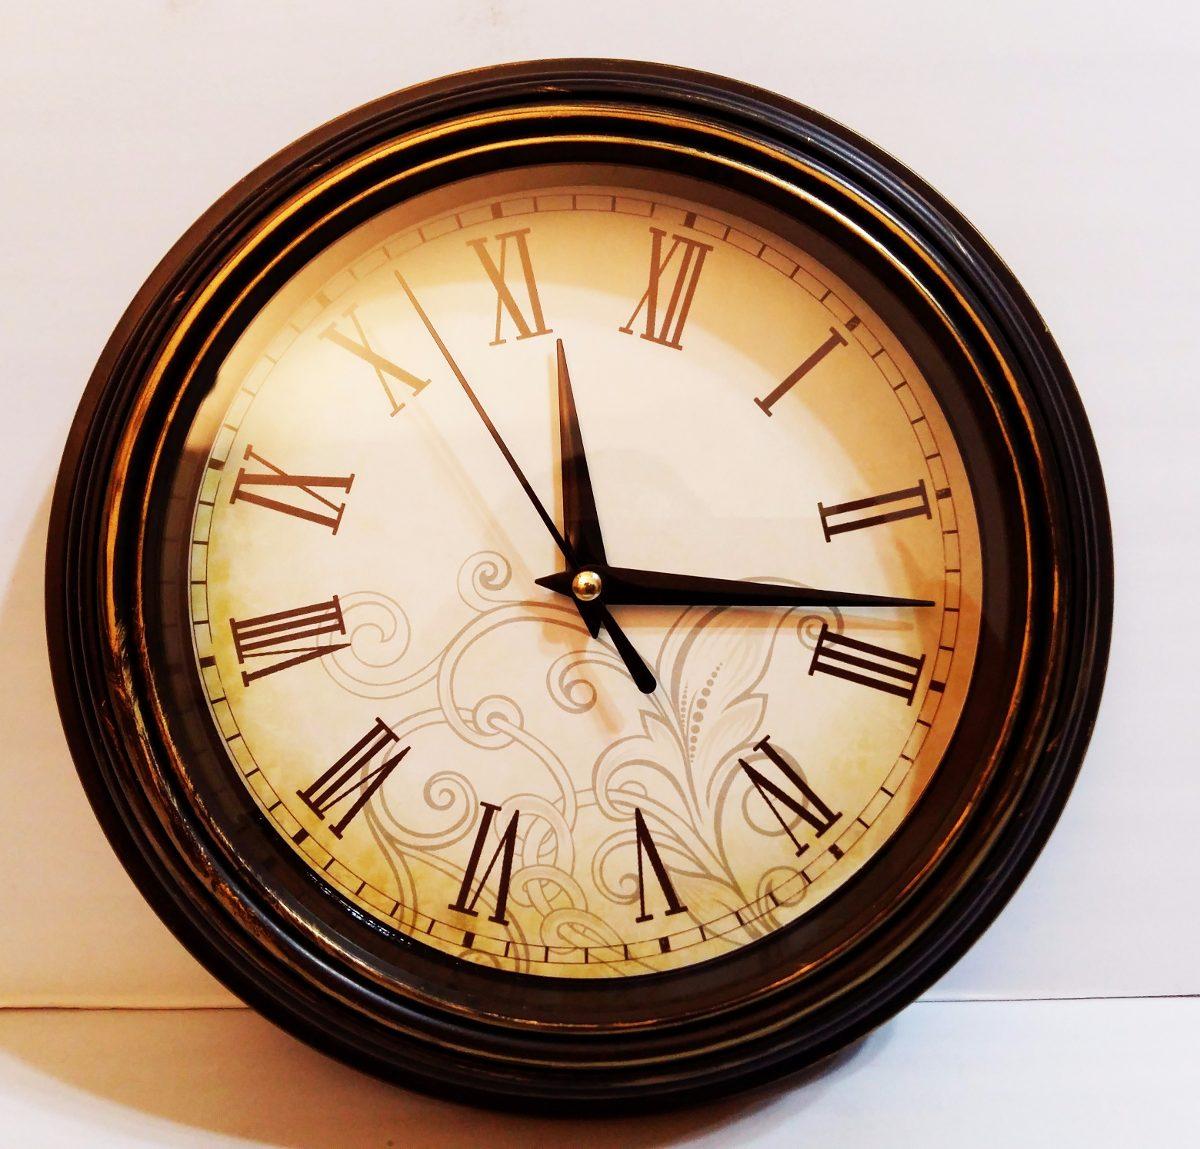 Relojes grandes pared real venta caliente cuadrado - Reloj de pared vintage ...